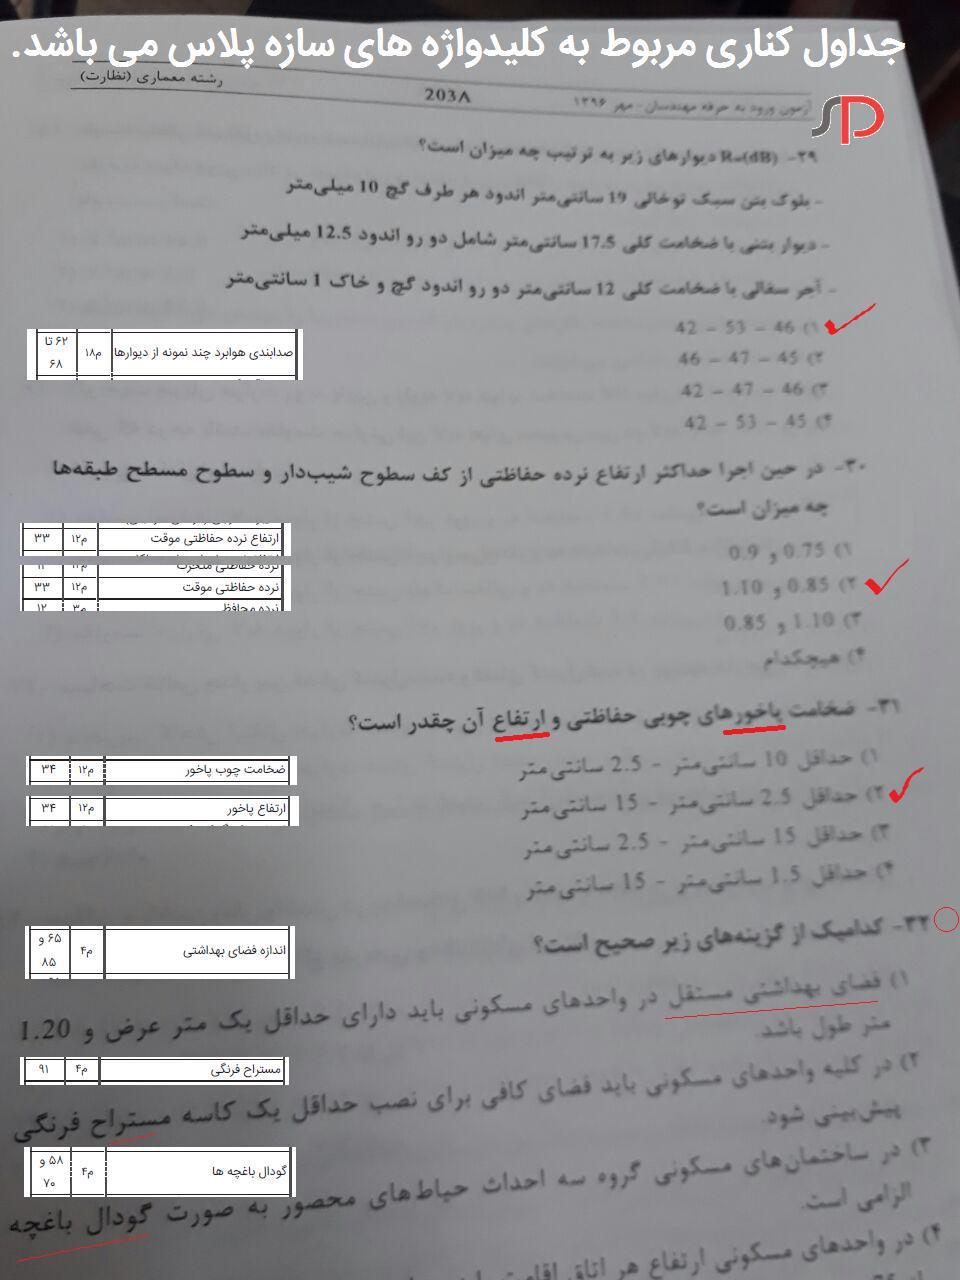 حل سوالات نظارت معماری مهر 96 کلیدواژه سازه پلاس